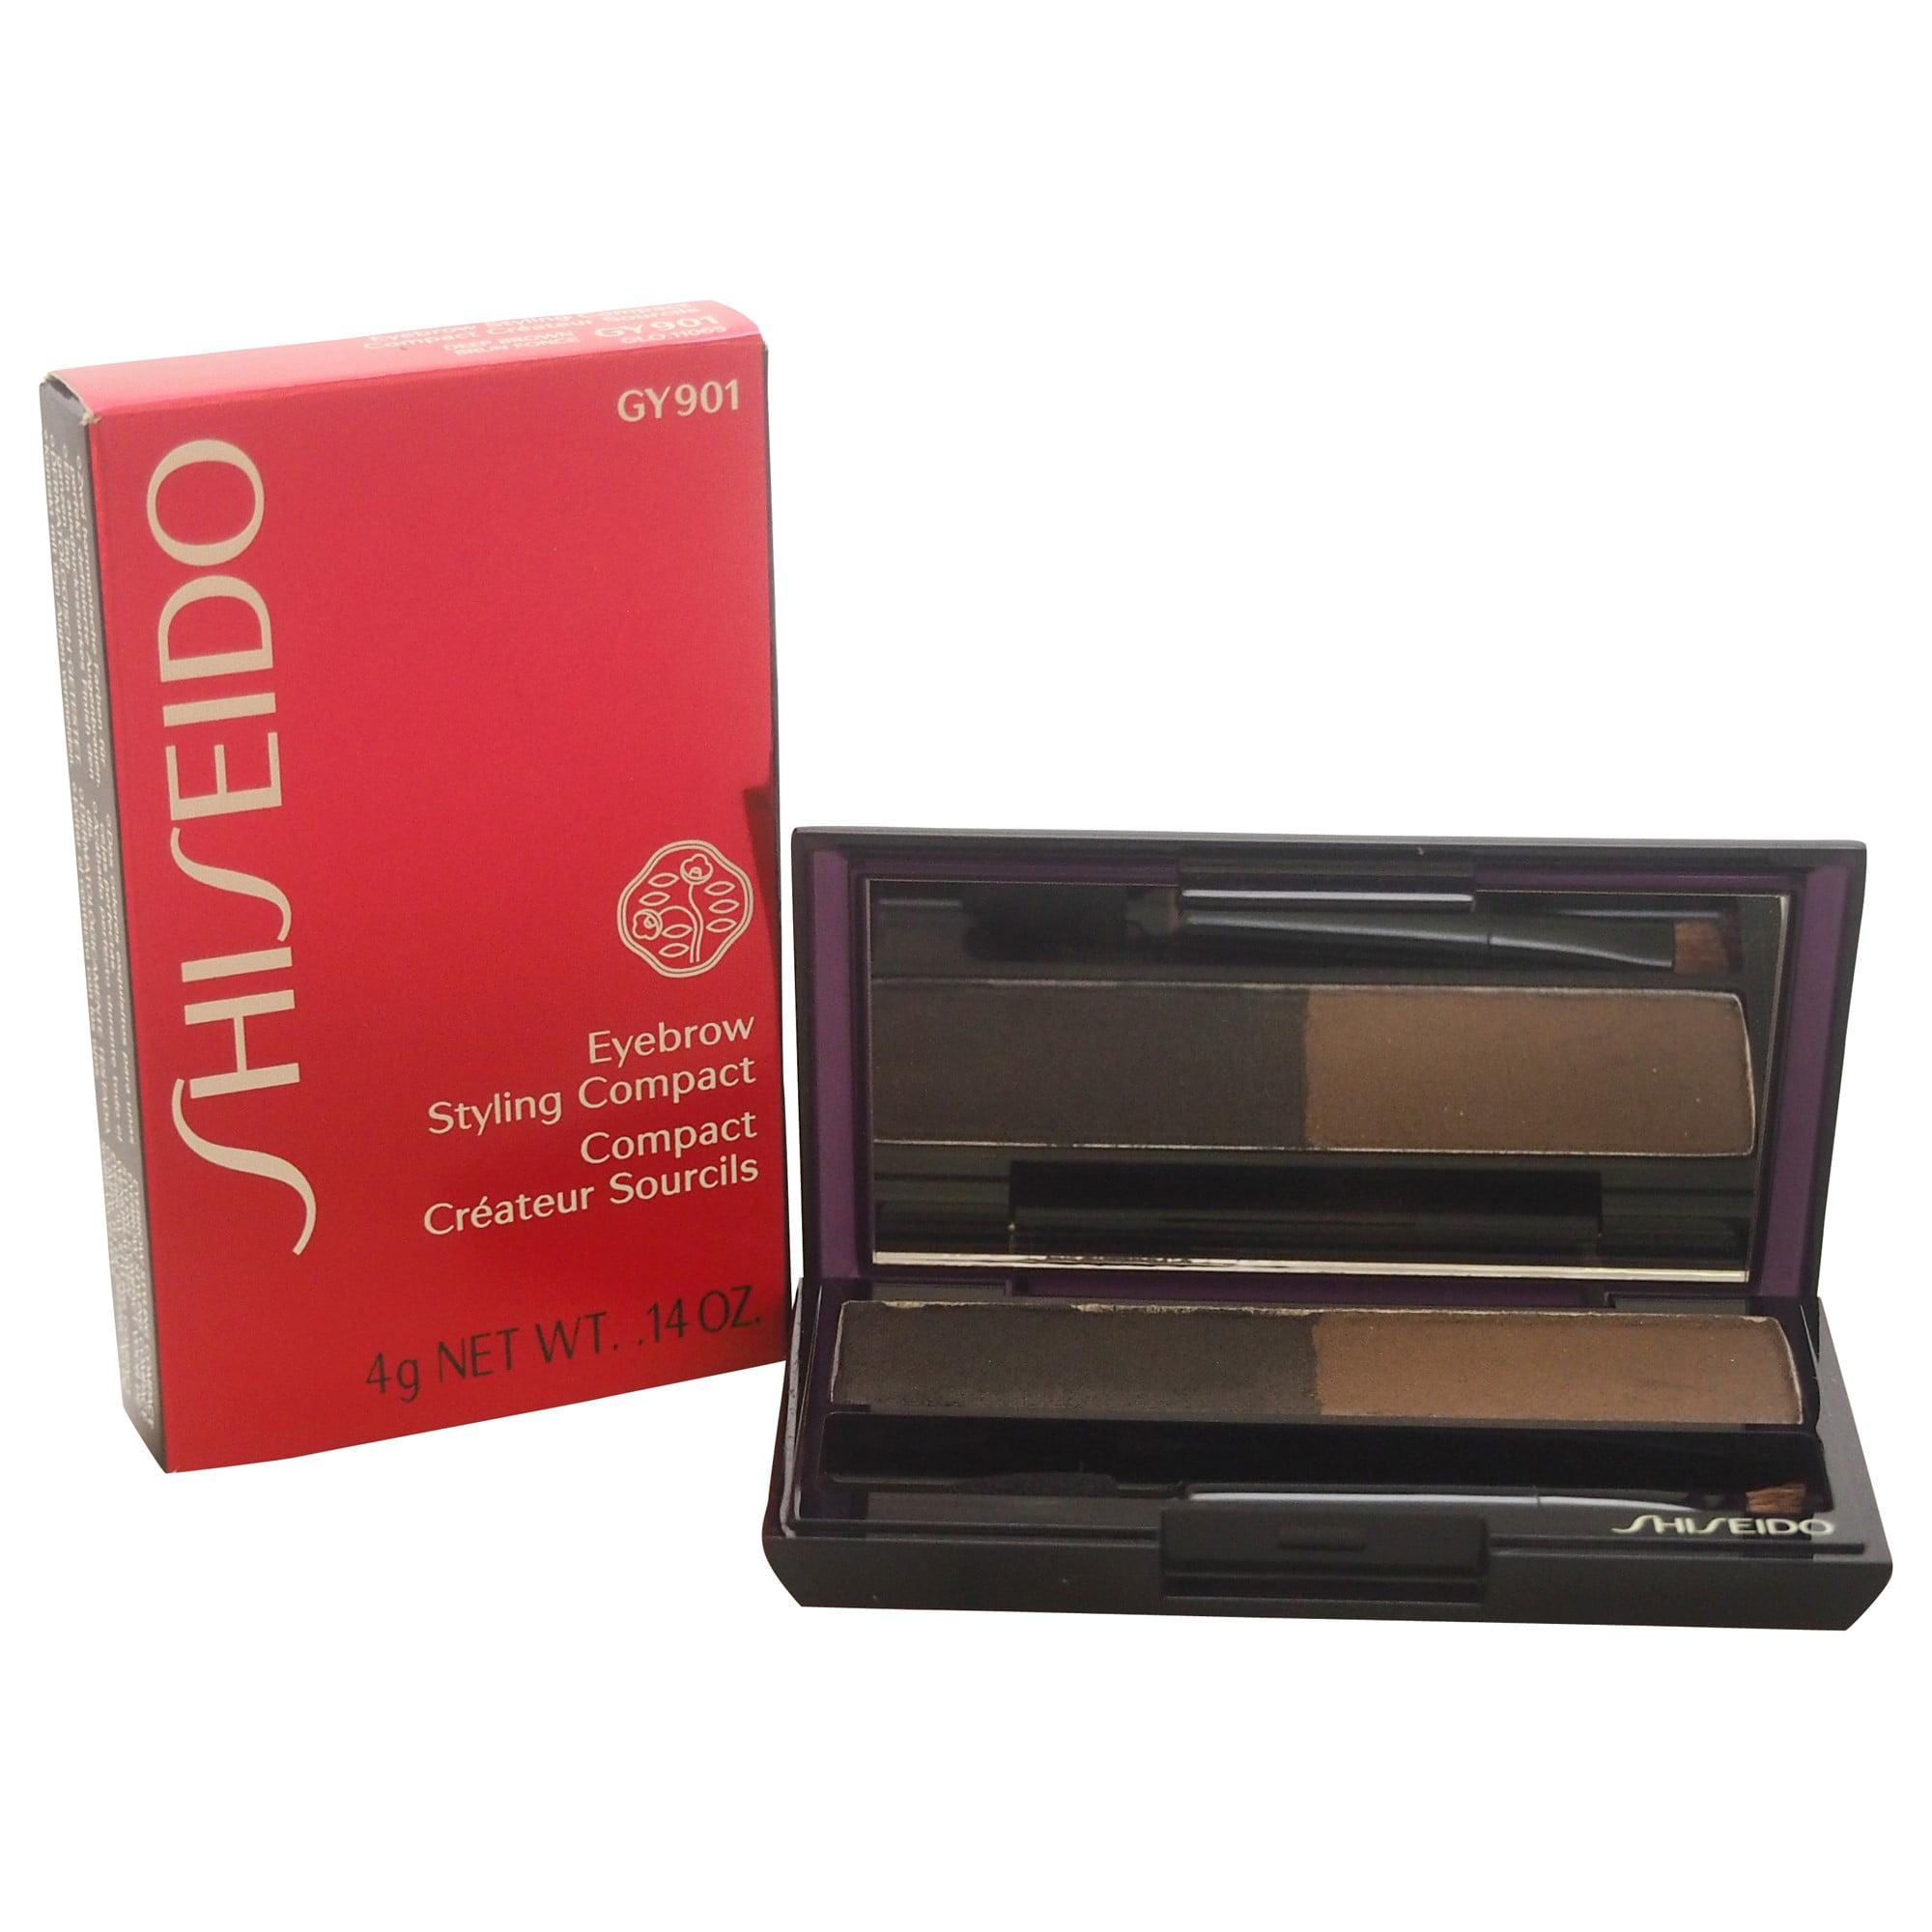 Shiseido Eyebrow Styling Compact, #GY901 Deep Brown, 0.14 Oz